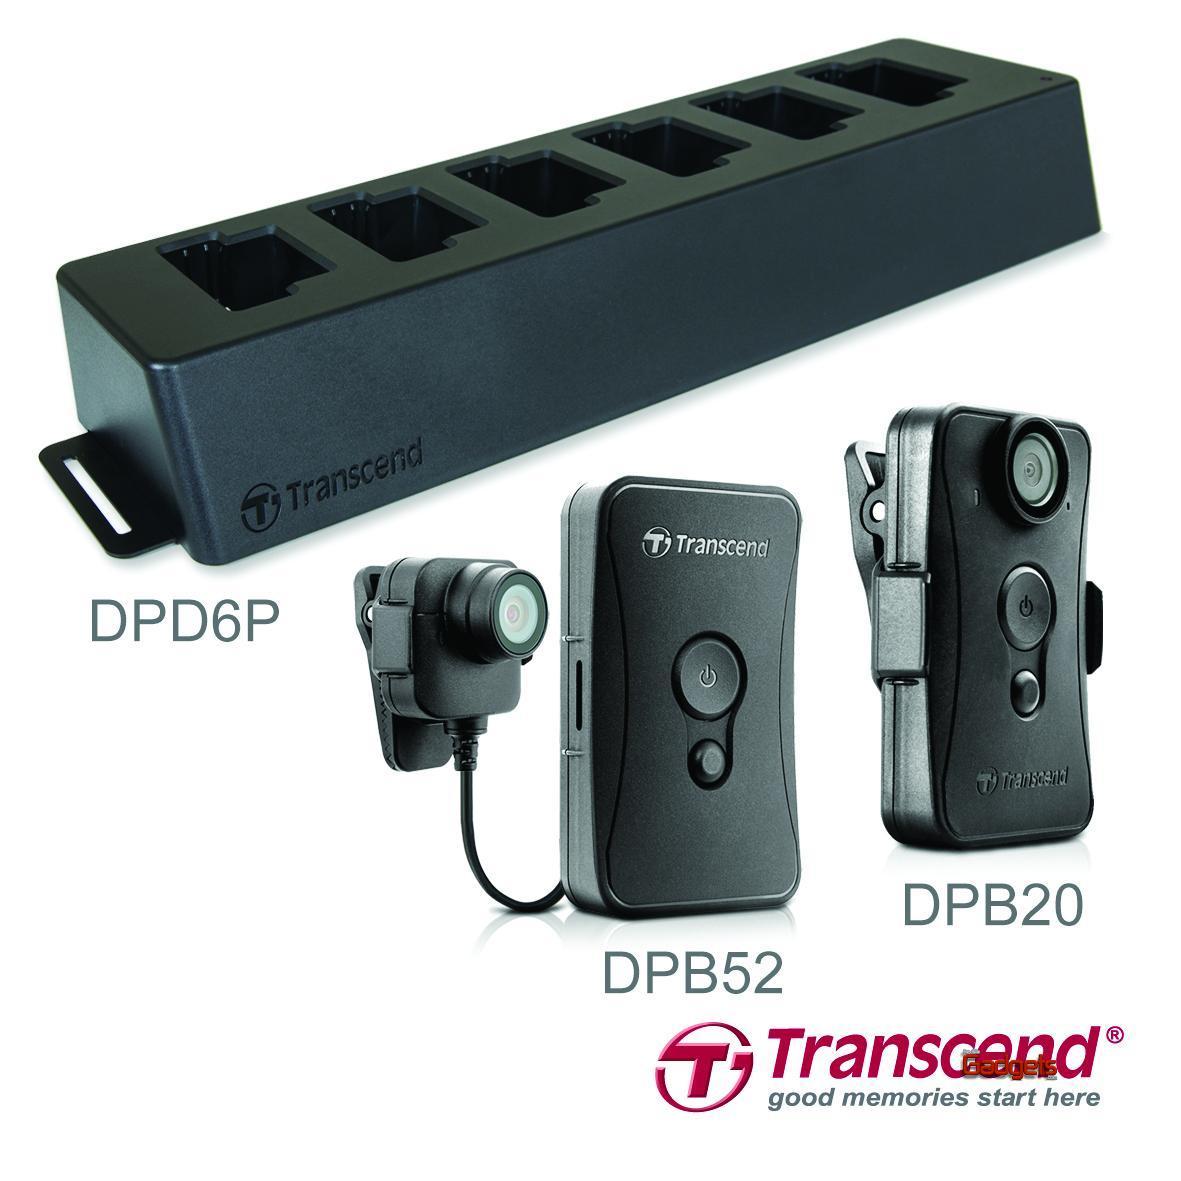 DPB20_DPB52_DPD6P